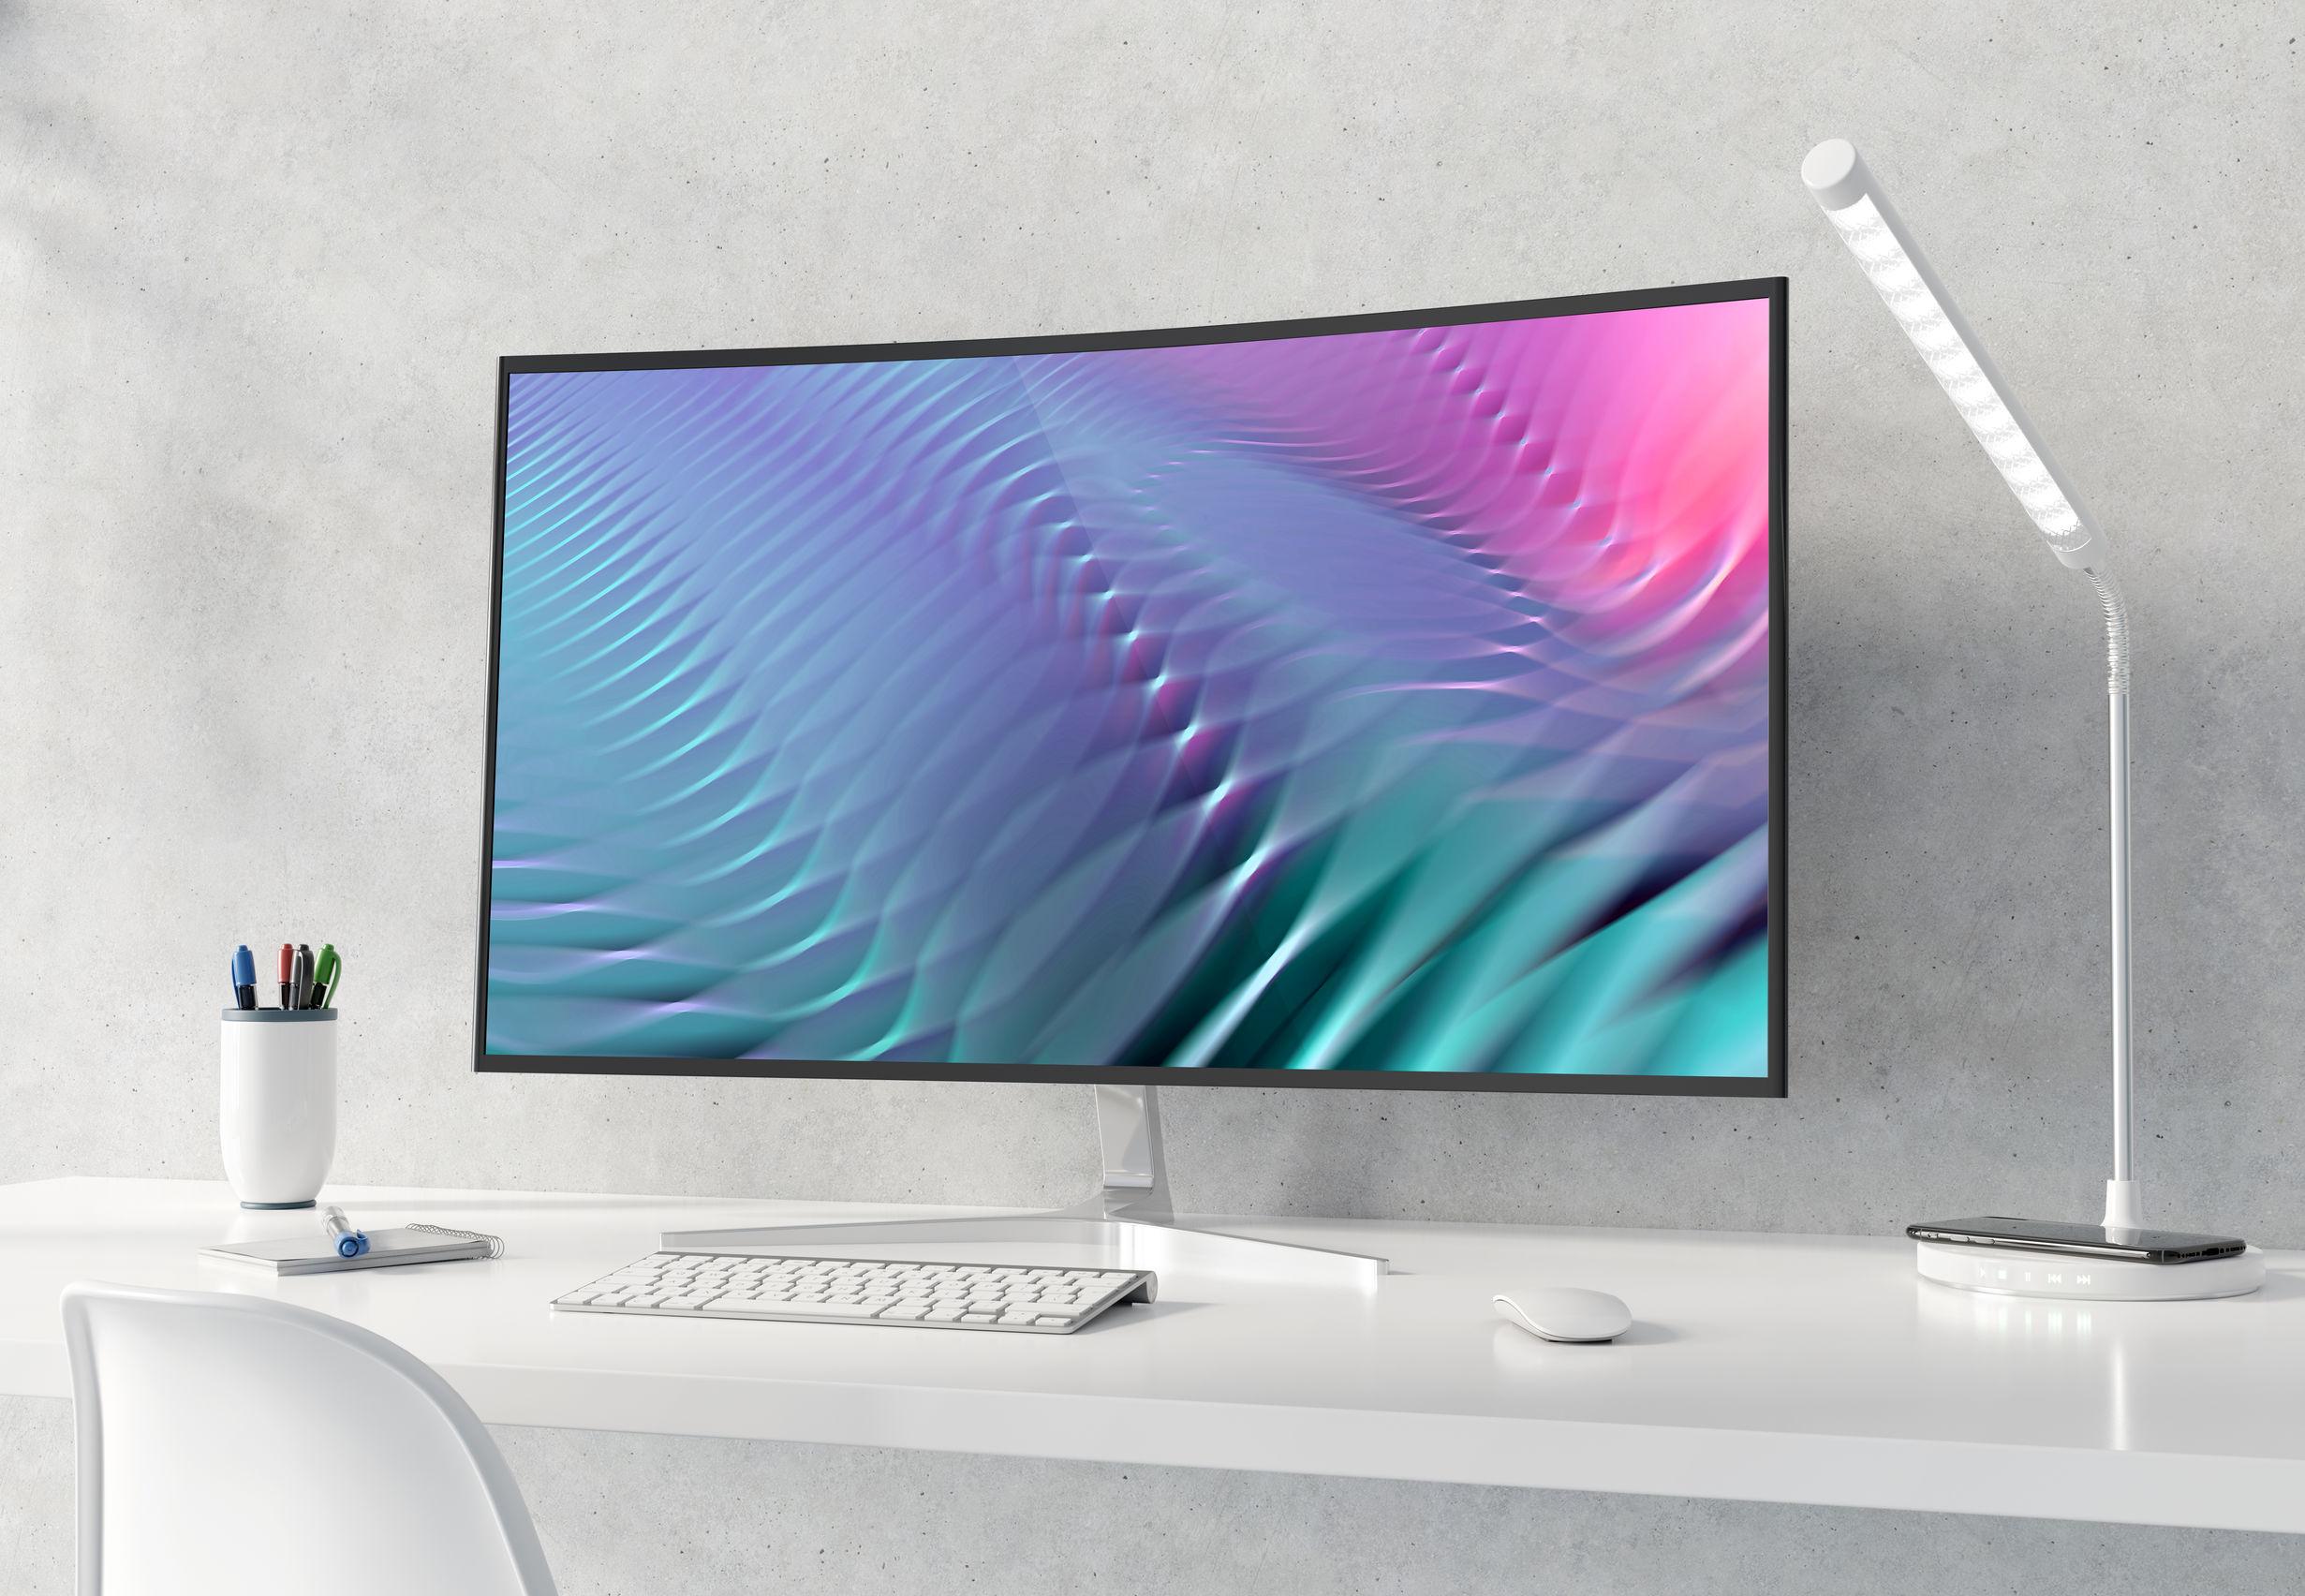 Imagem mostra um monitor curvo sobre uma mesa.